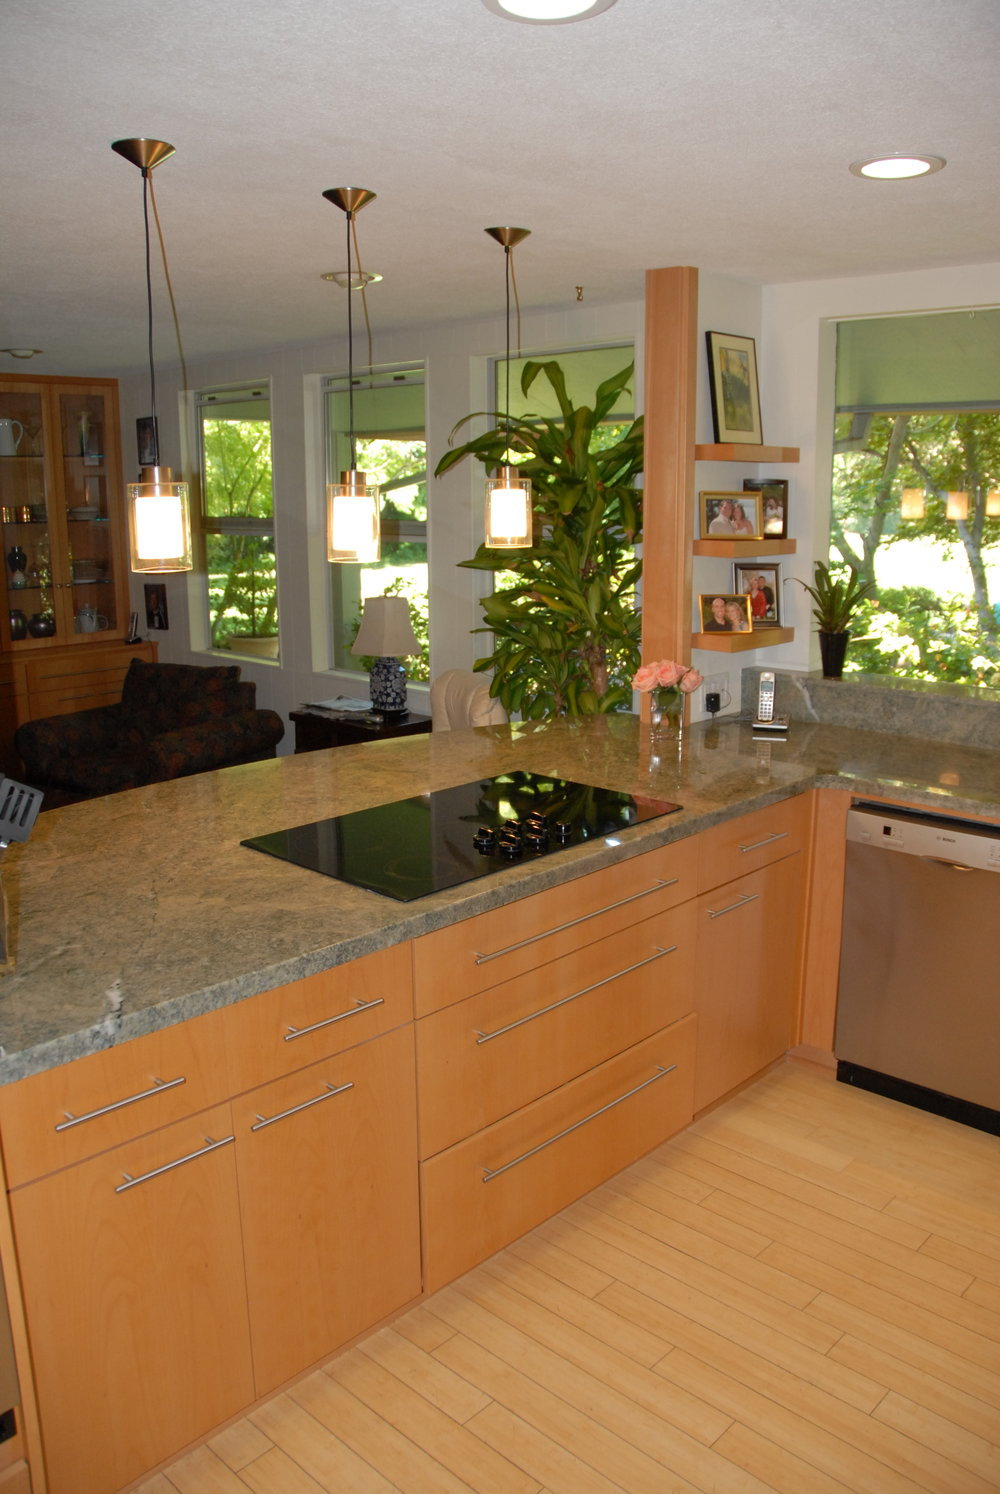 Kitchen Remodel Private Residence in Chico CA 2.JPG